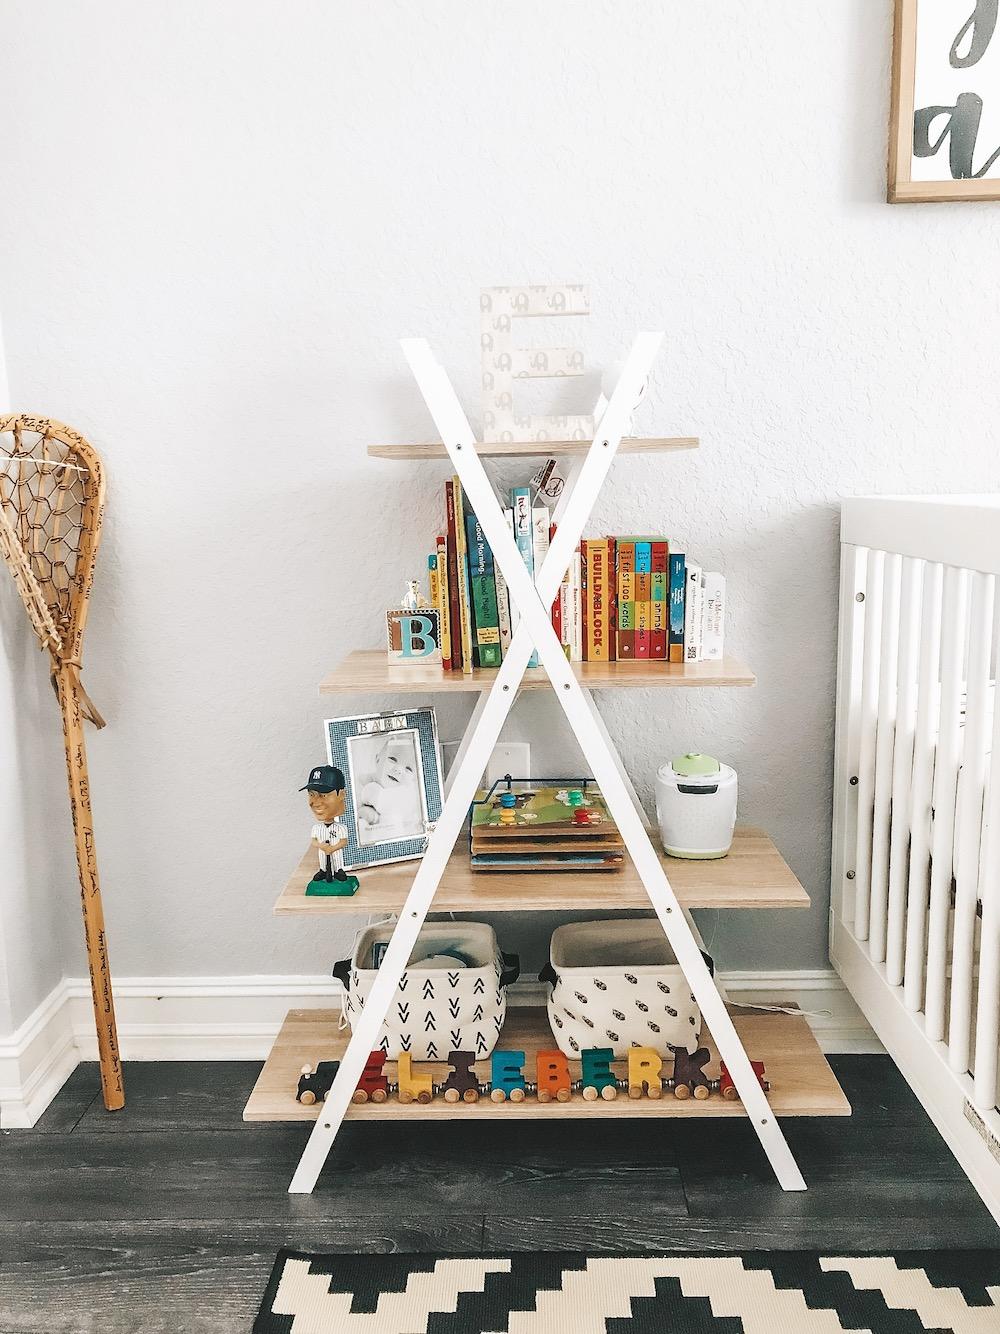 baby nursery book shelf decor